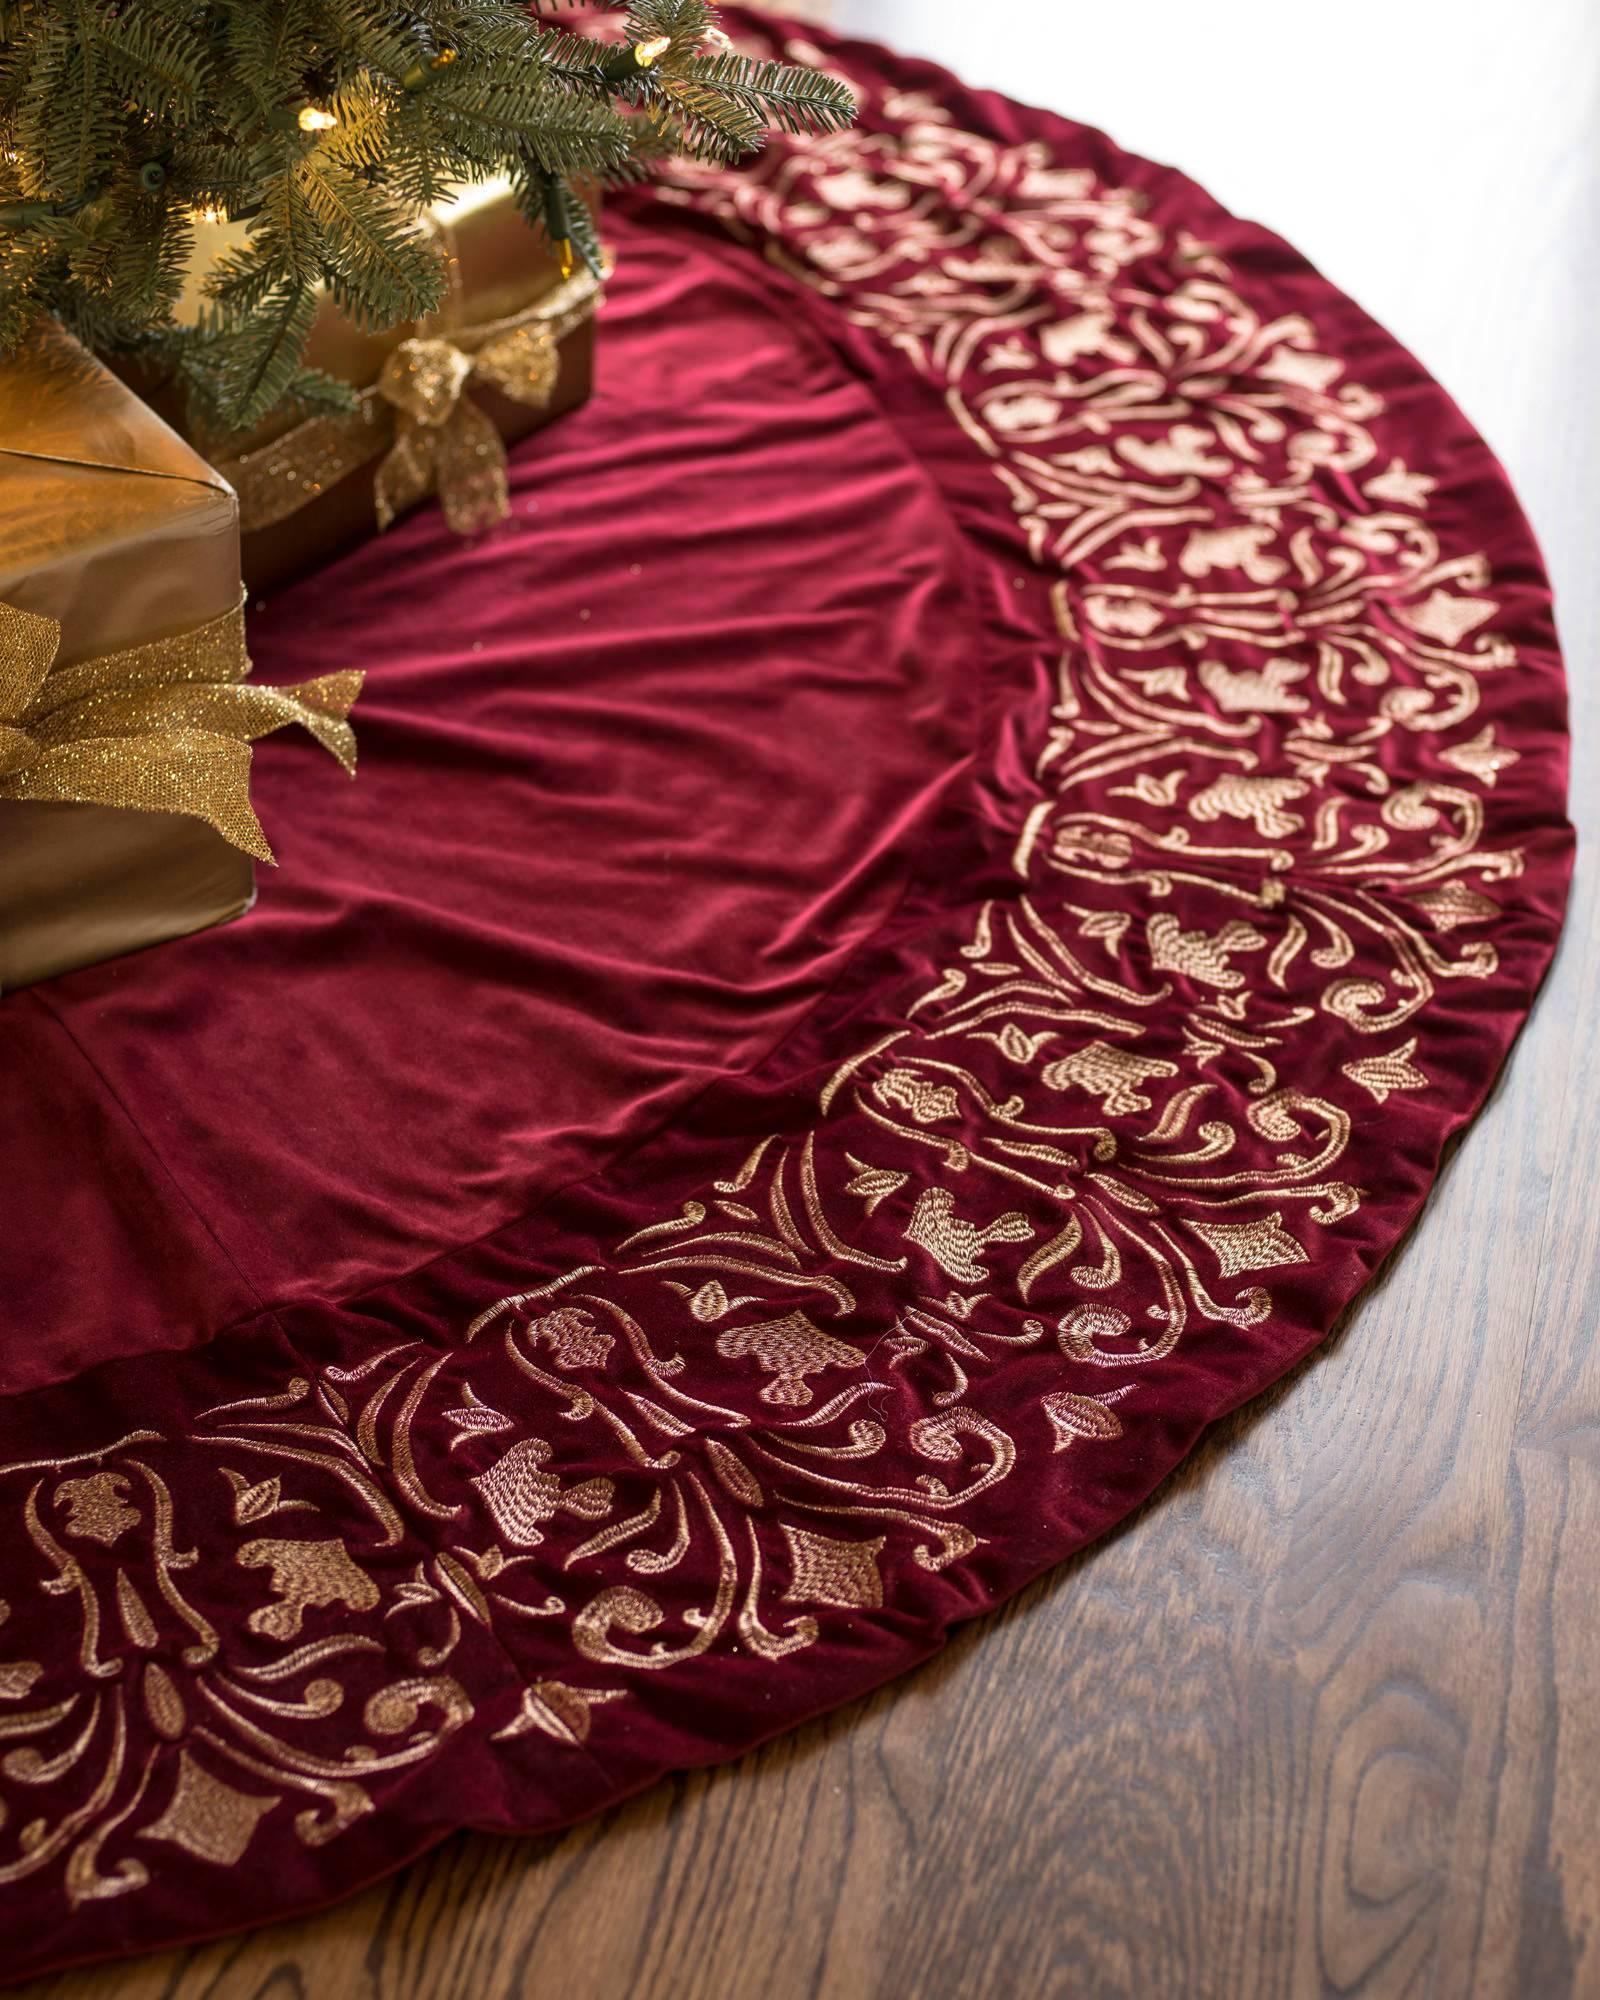 Luxe Embroidered Velvet Tree Skirt Balsam Hill